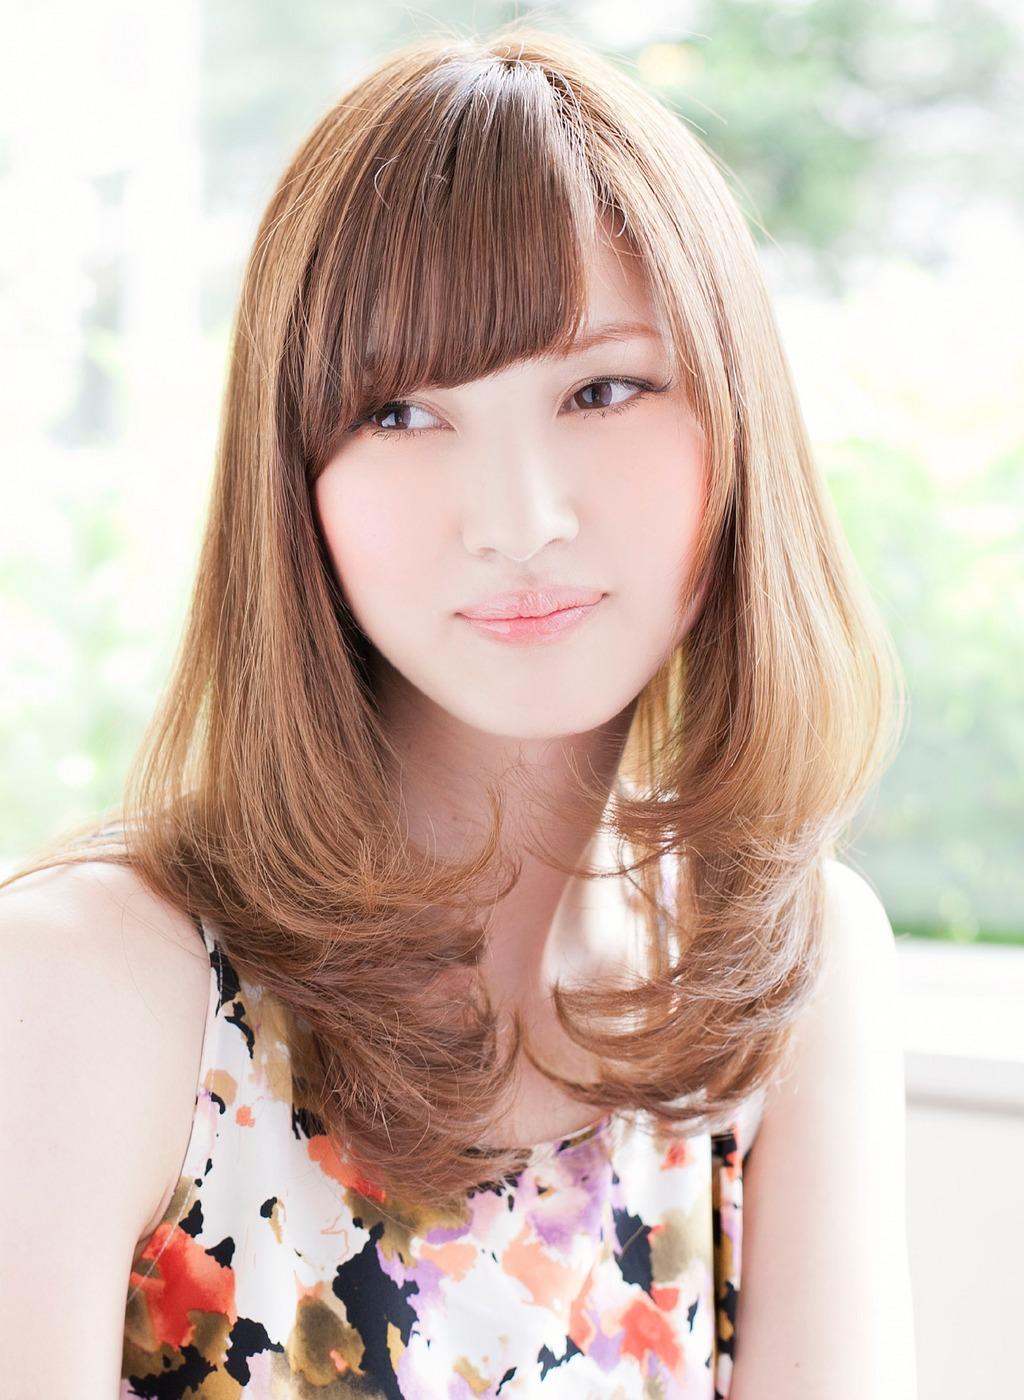 main large 1 - 【最新ヘアスタイル】癖毛だって可愛く!ストカールで目指すナチュラル可愛いヘア